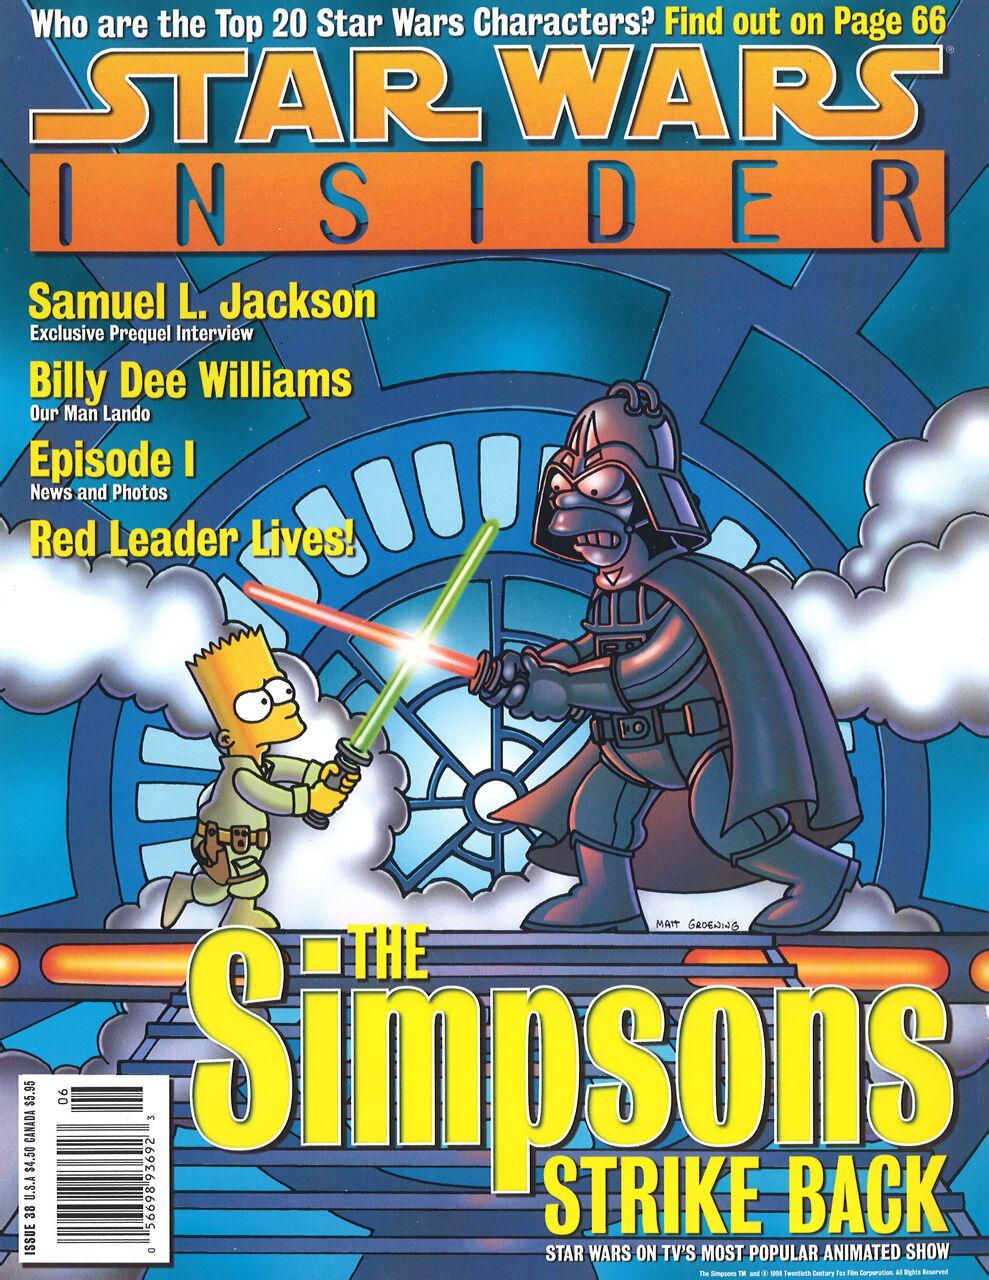 Star Wars Insider 38